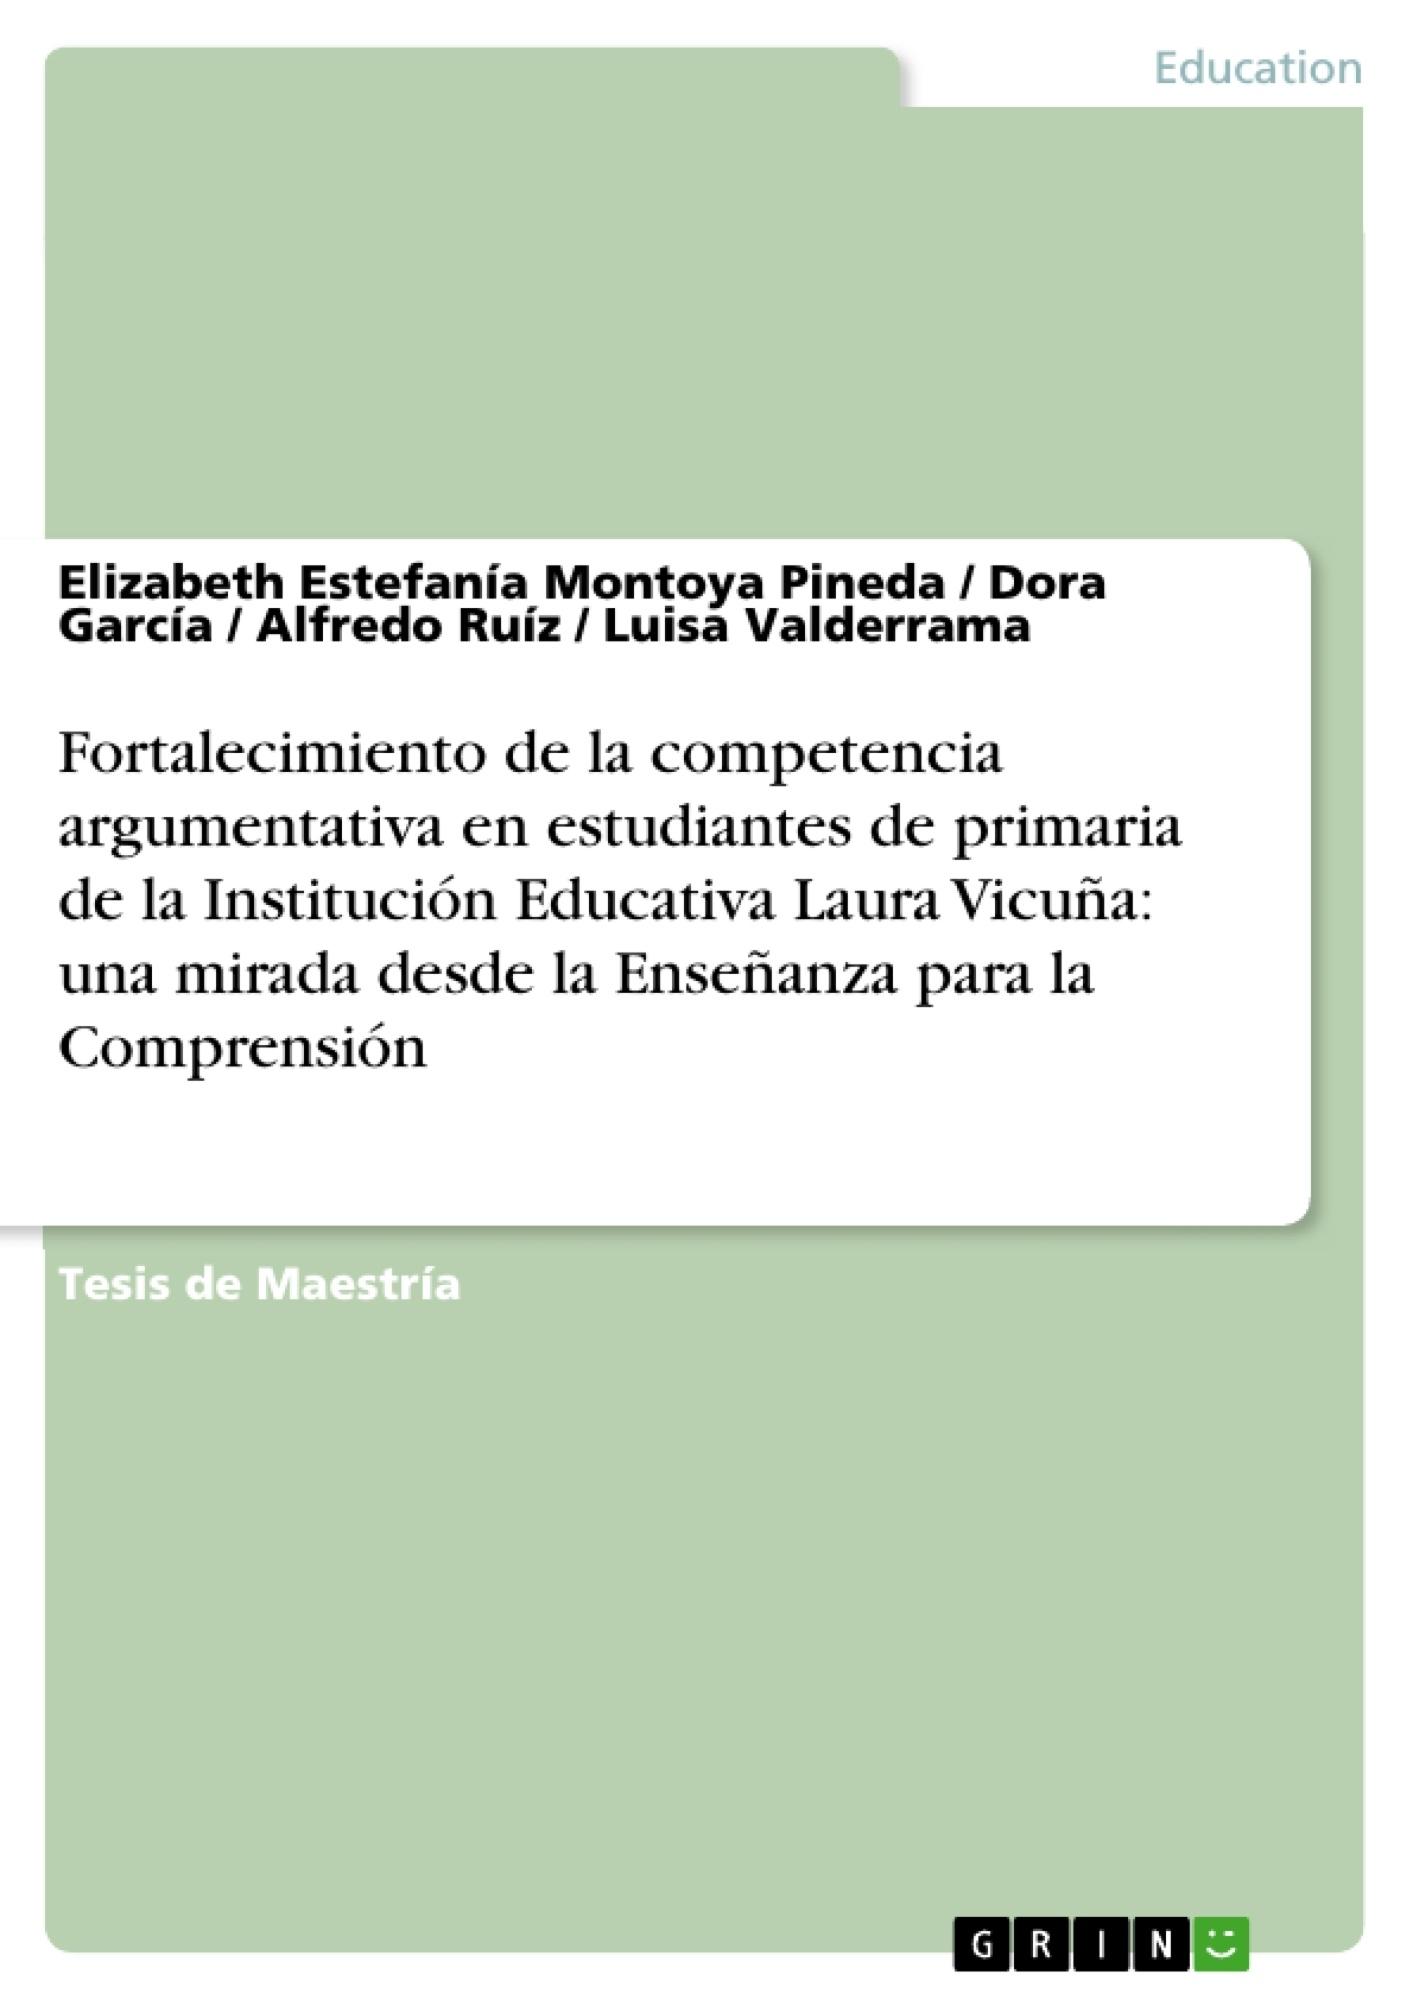 Título: Fortalecimiento de la competencia argumentativa en estudiantes de primaria de la Institución Educativa Laura Vicuña: una mirada desde la Enseñanza para la Comprensión